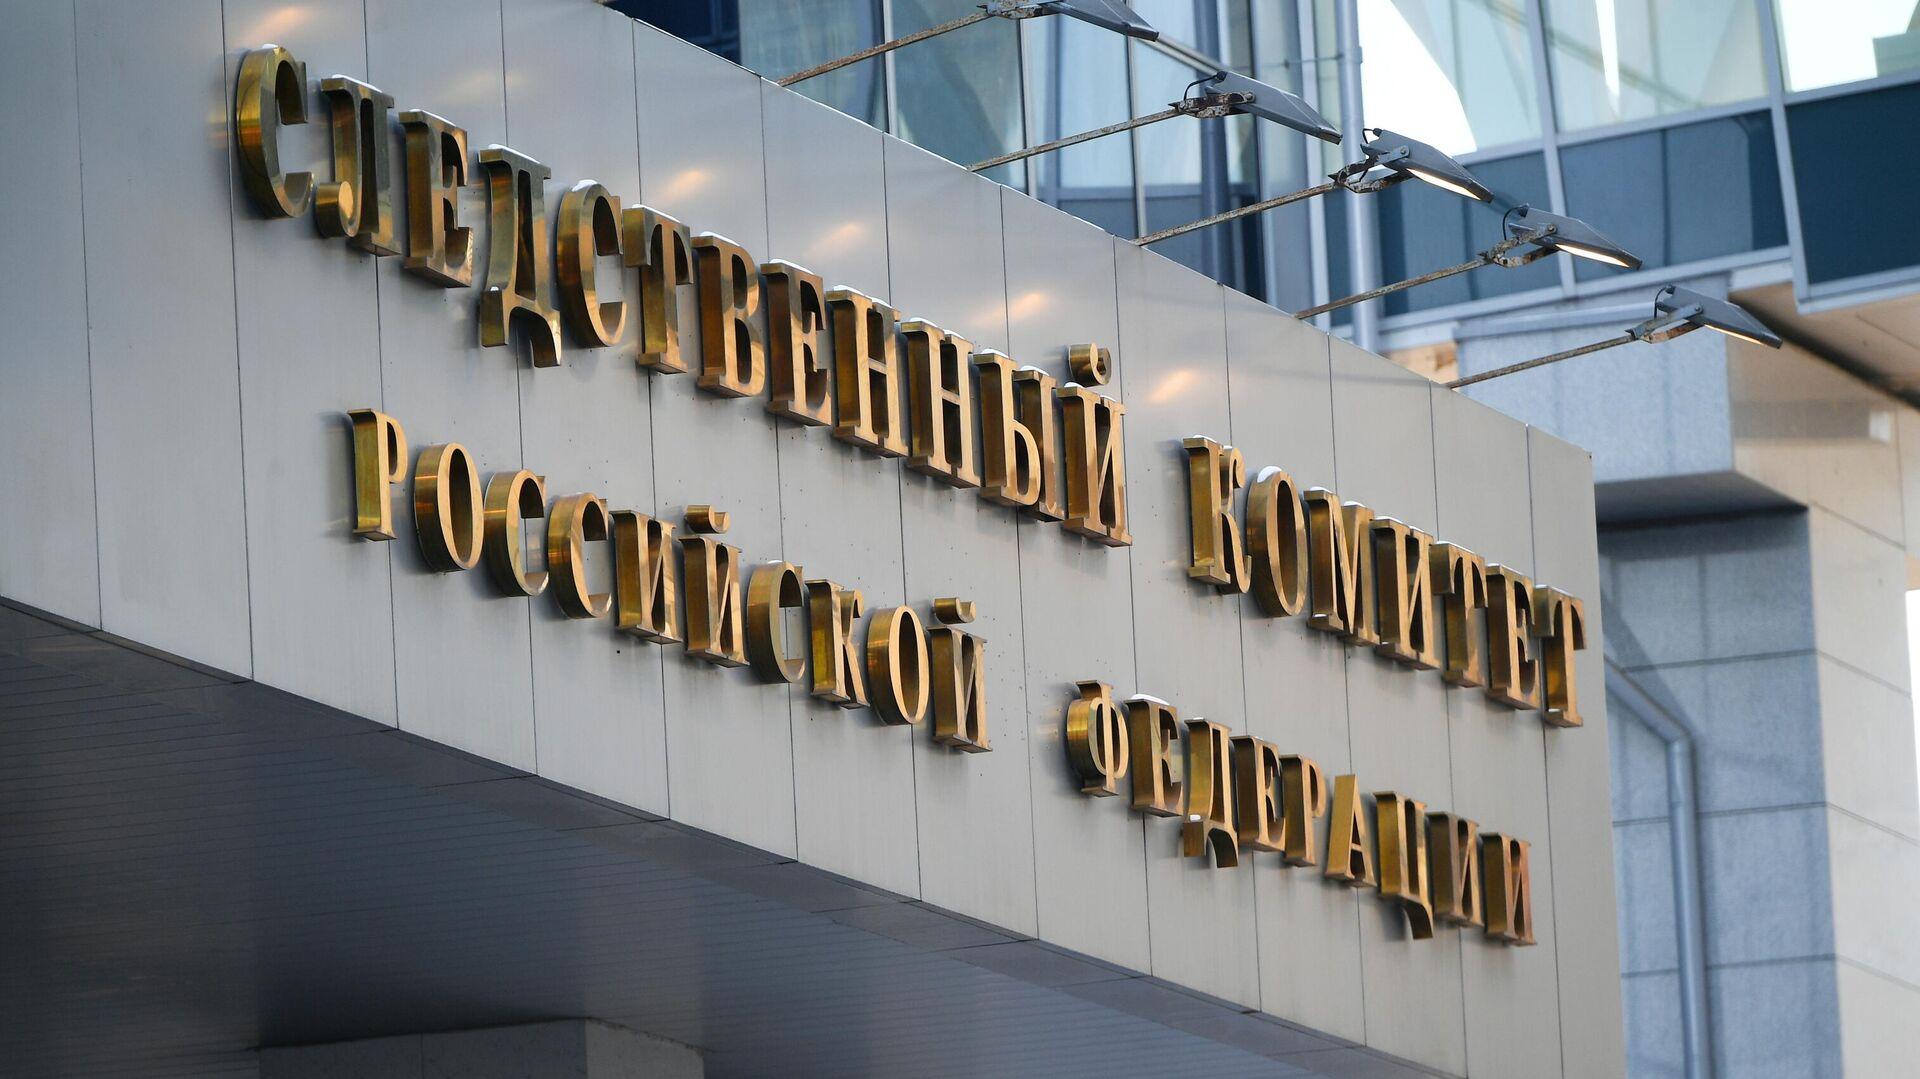 Следственный комитет Российской Федерации в Москве - РИА Новости, 1920, 04.03.2021